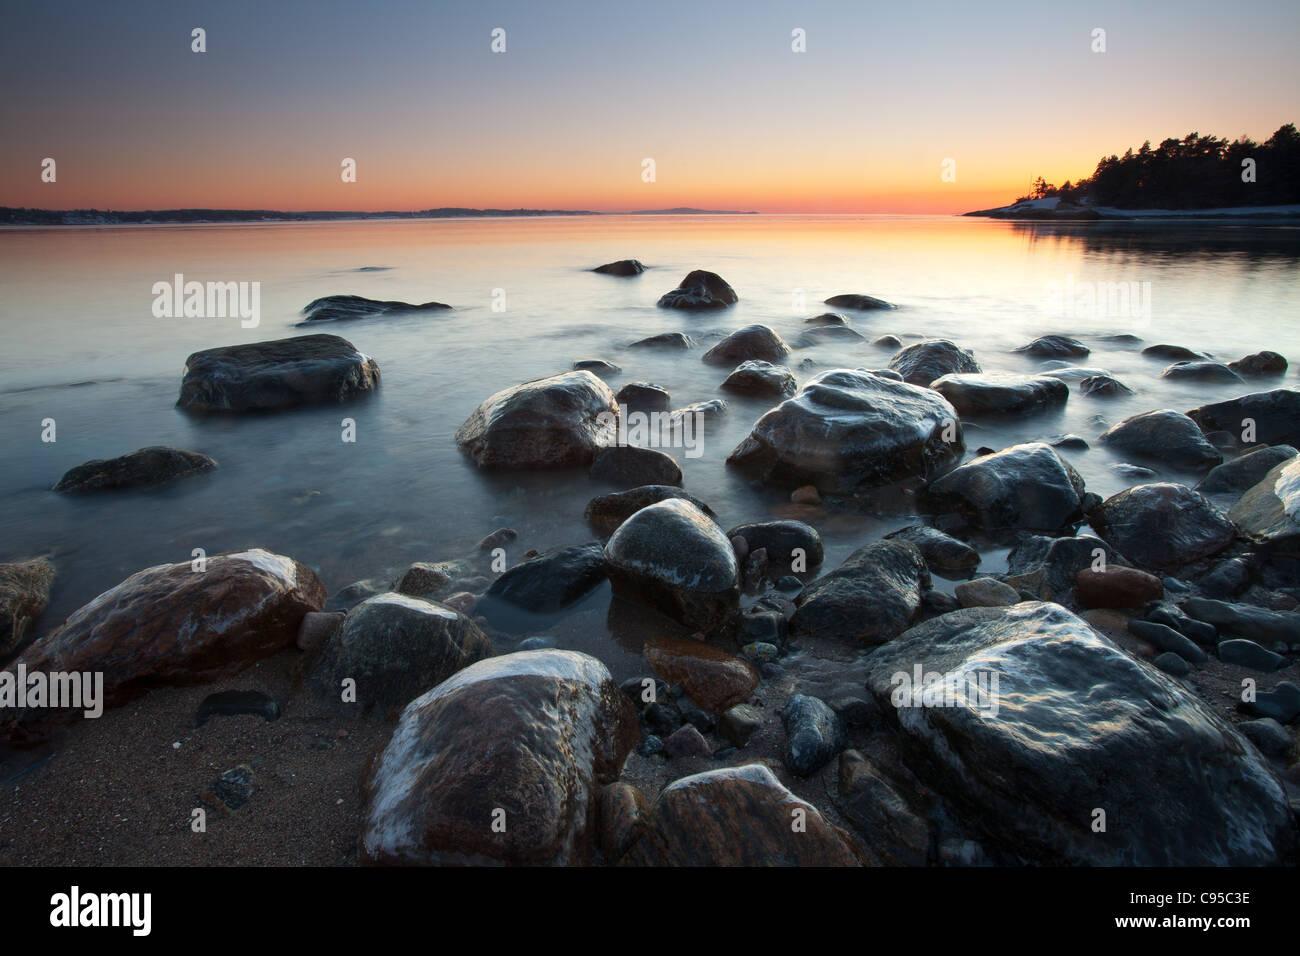 Paysage côtier au crépuscule au four à Råde kommune, Østfold fylke, la Norvège. Banque D'Images